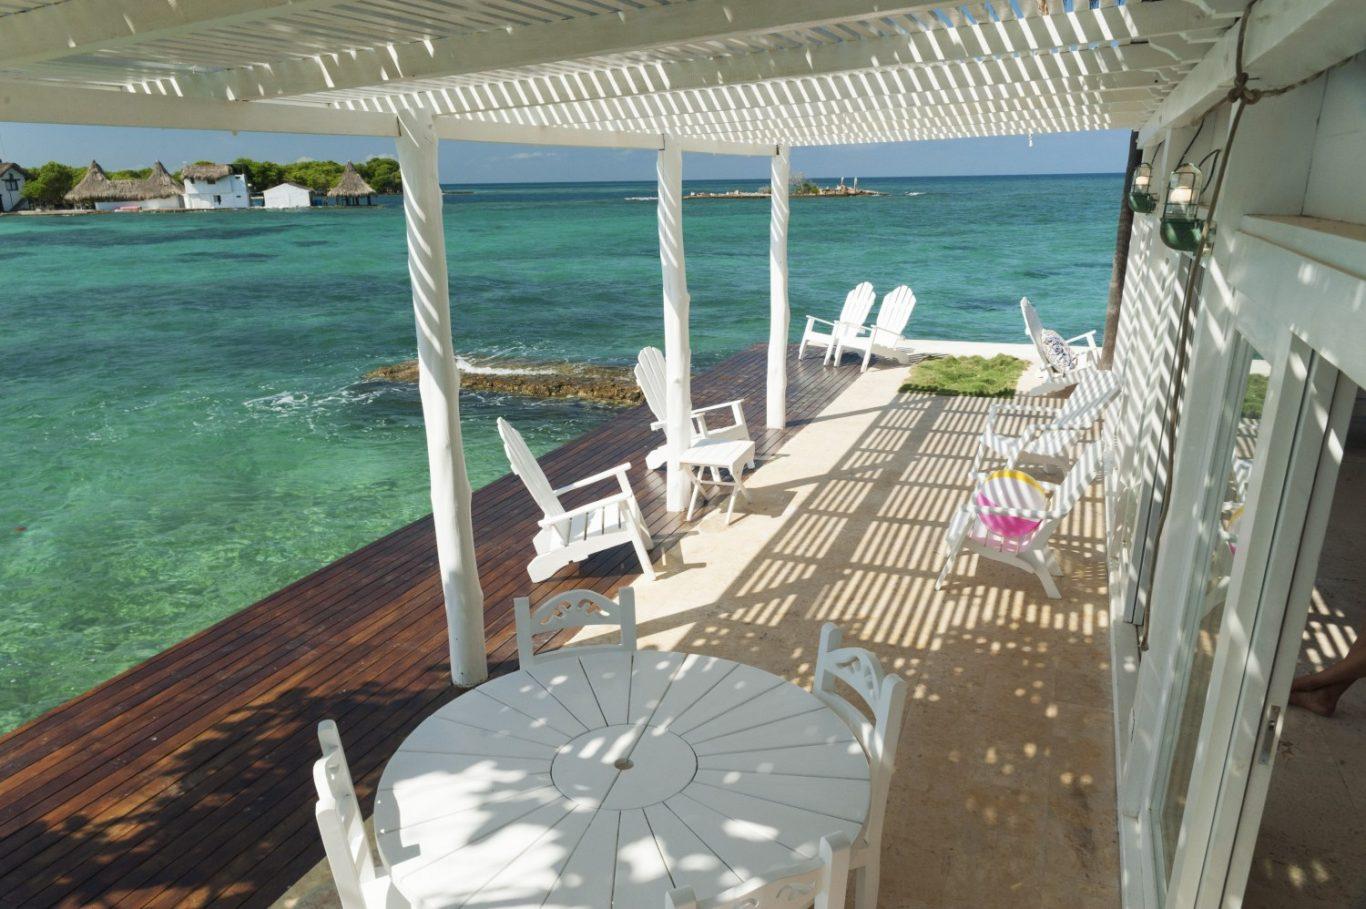 sillas con vista al mar